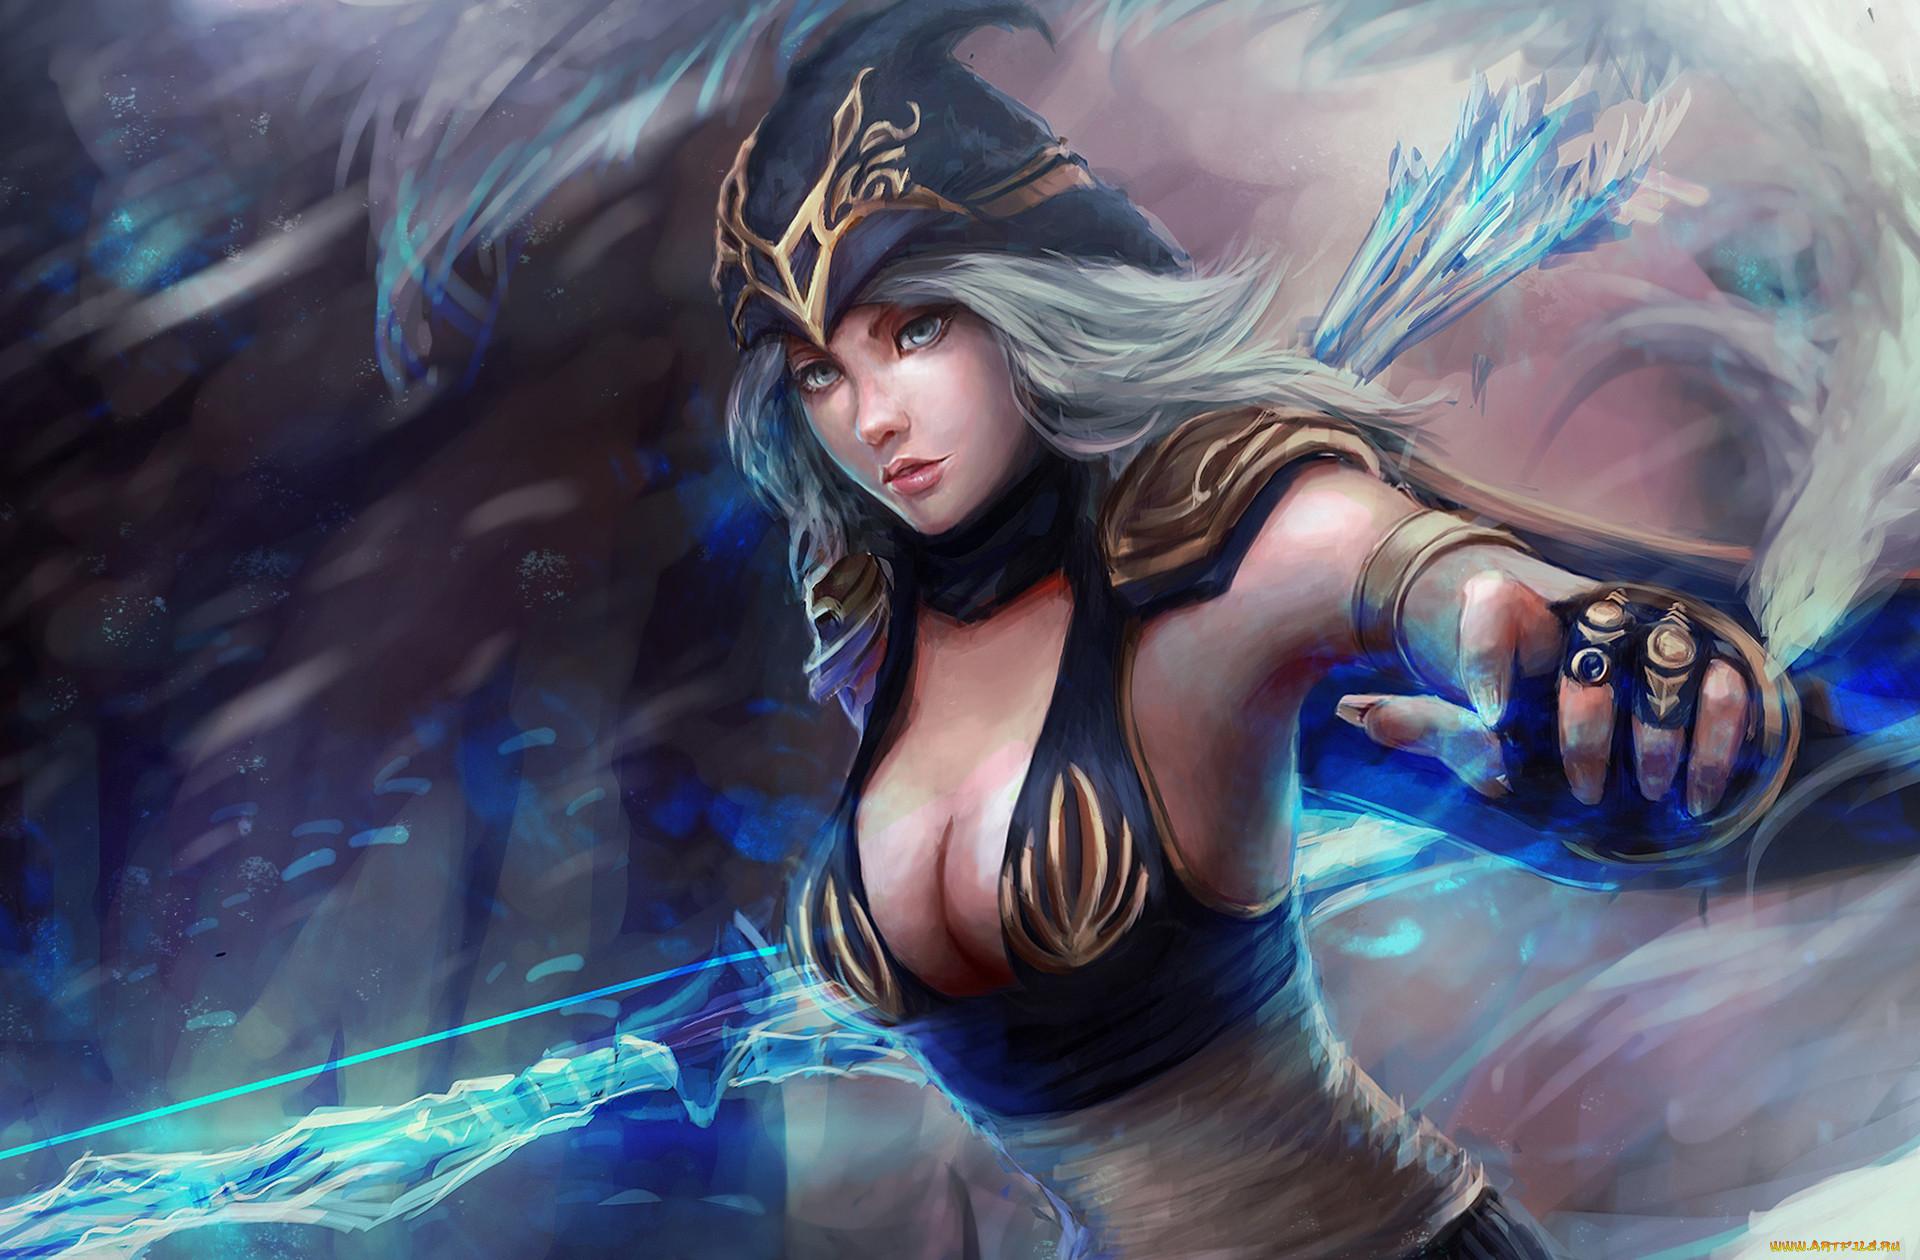 Картинки героев из игры лига легенд одежда